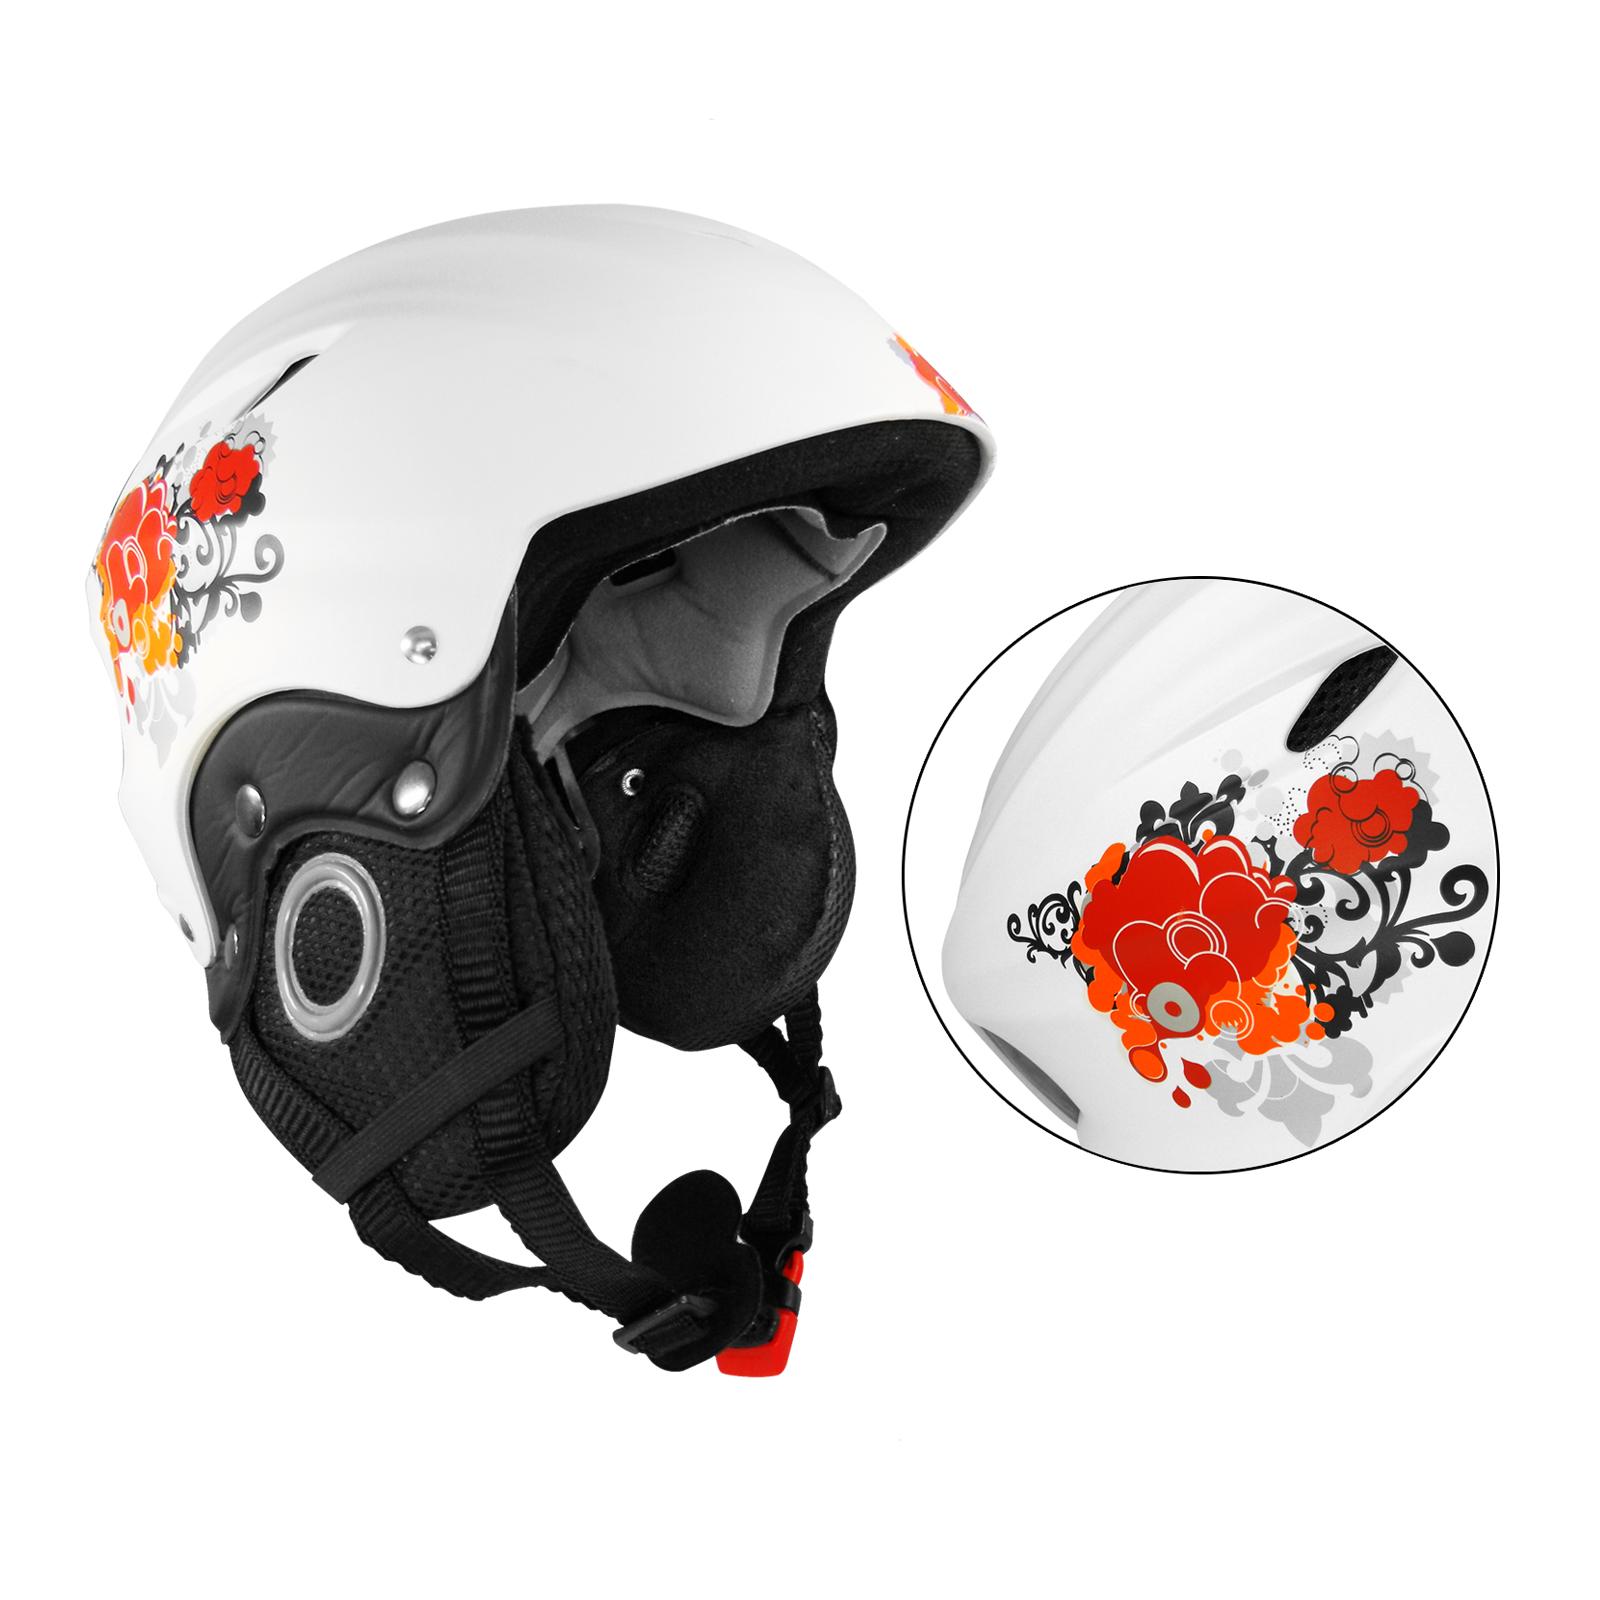 Ski / Snowboard Helm XS  stoßdämpfendes EPS-Innenmaterial, weiß SUMMIT